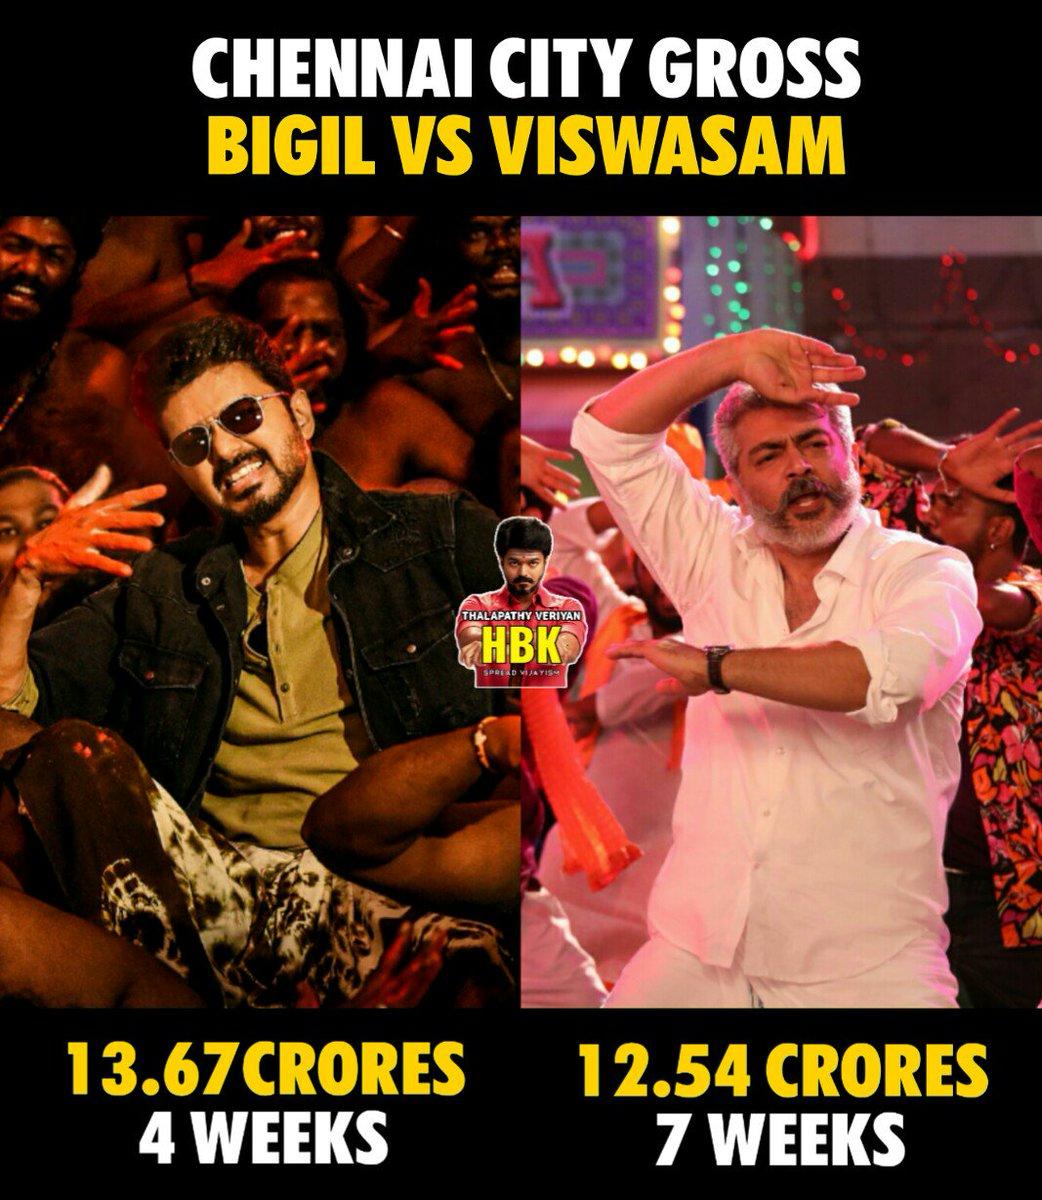 #Bigil vs #Visuwasam chennai gross !  #Bigil - 13.67 crores [ 4weeks ]   #Visuwasam - 12.54 crores [ 7weeks ]   #IndustryHitBIGIL  <br>http://pic.twitter.com/KIzjQqRW5i